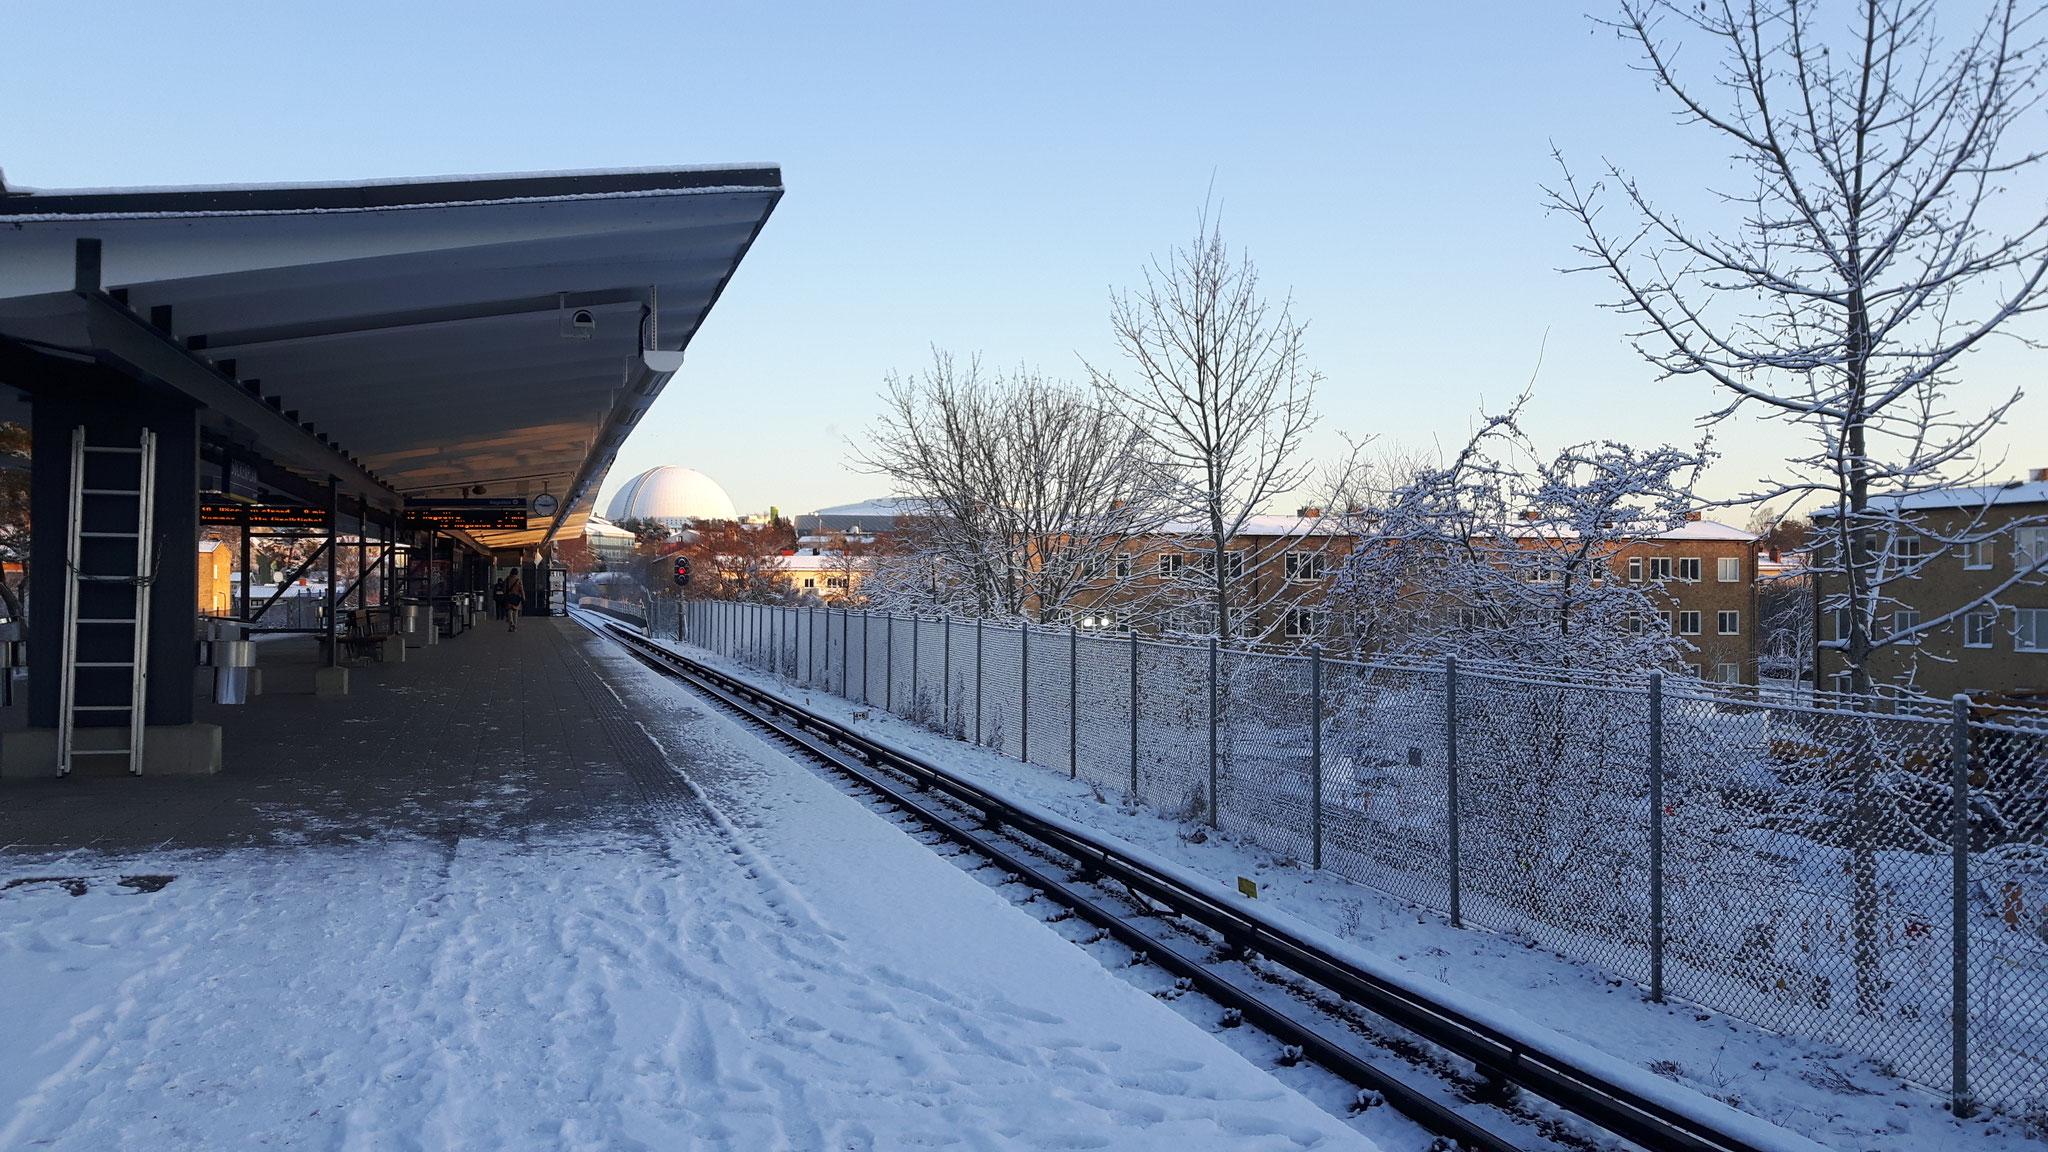 Seltener Anblick im Winter die verscheite Tunnelbanastation in Stockholm